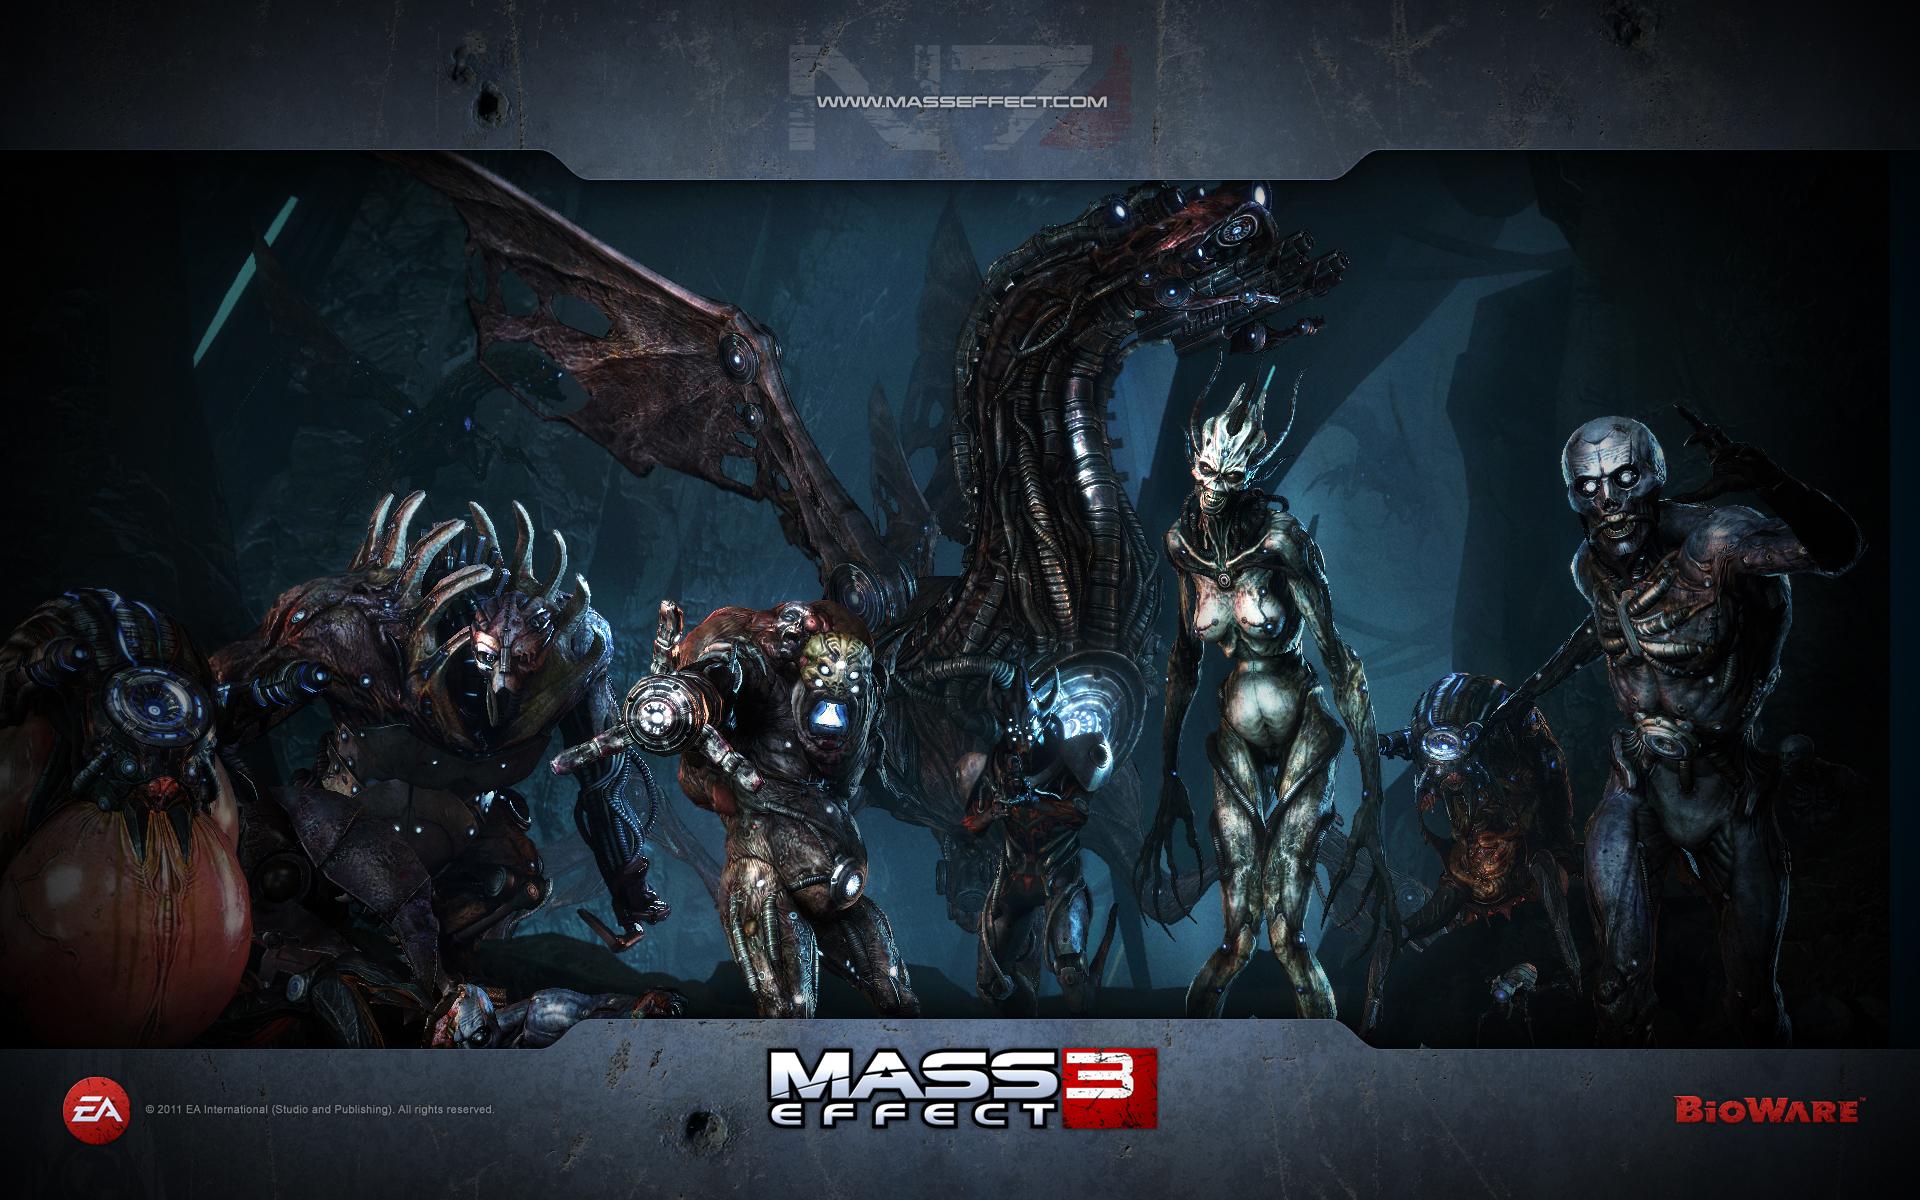 Mass Effect 3 wallpaper 1